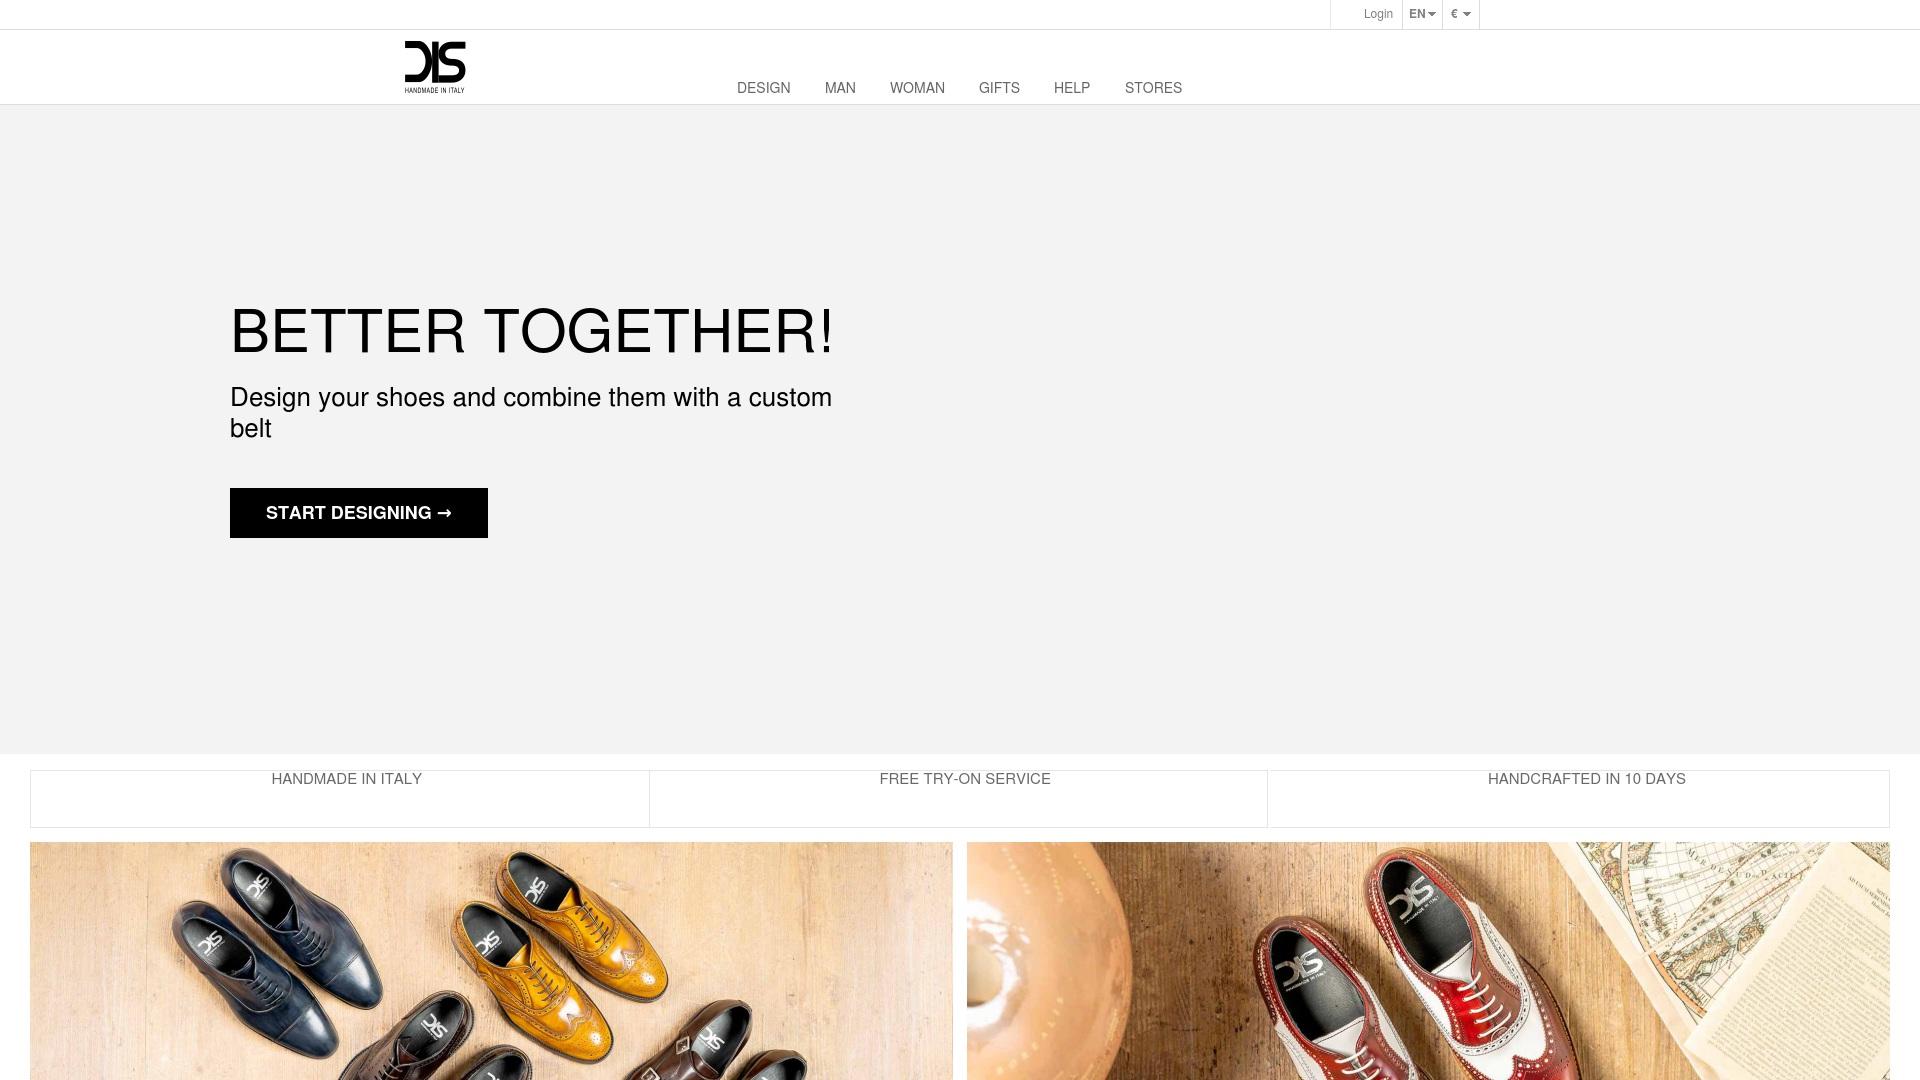 Gutschein für Designitalianshoes: Rabatte für  Designitalianshoes sichern